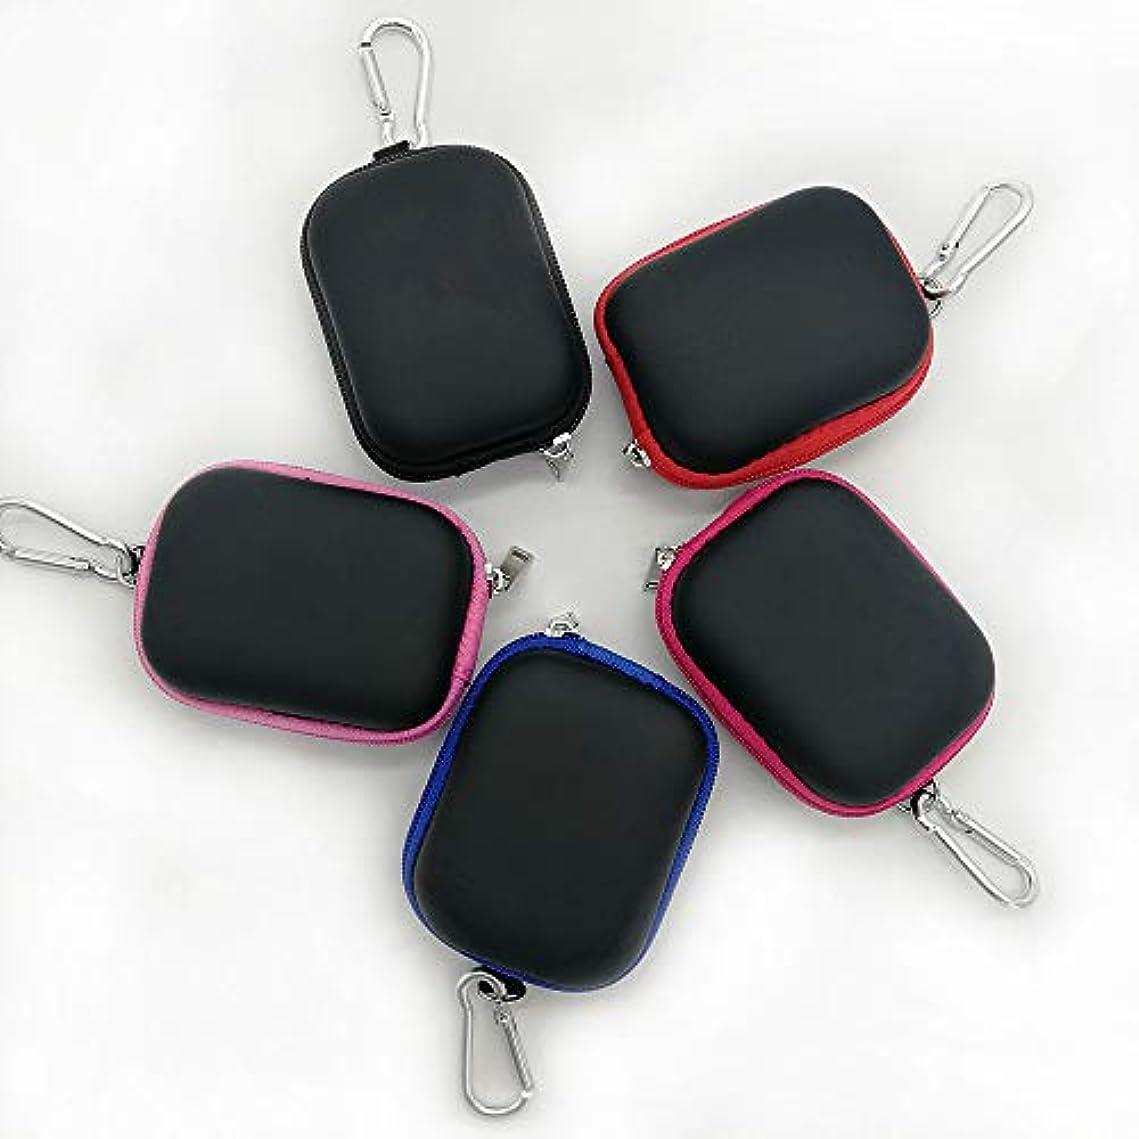 大胆な王位飾るDecdeal ポータブルエッセンシャルオイルバッグ エッセンシャルオイルポーチ 精油ケース エッセンシャルオイル収納袋 6本用 3ML 携帯用 耐震 携帯便利